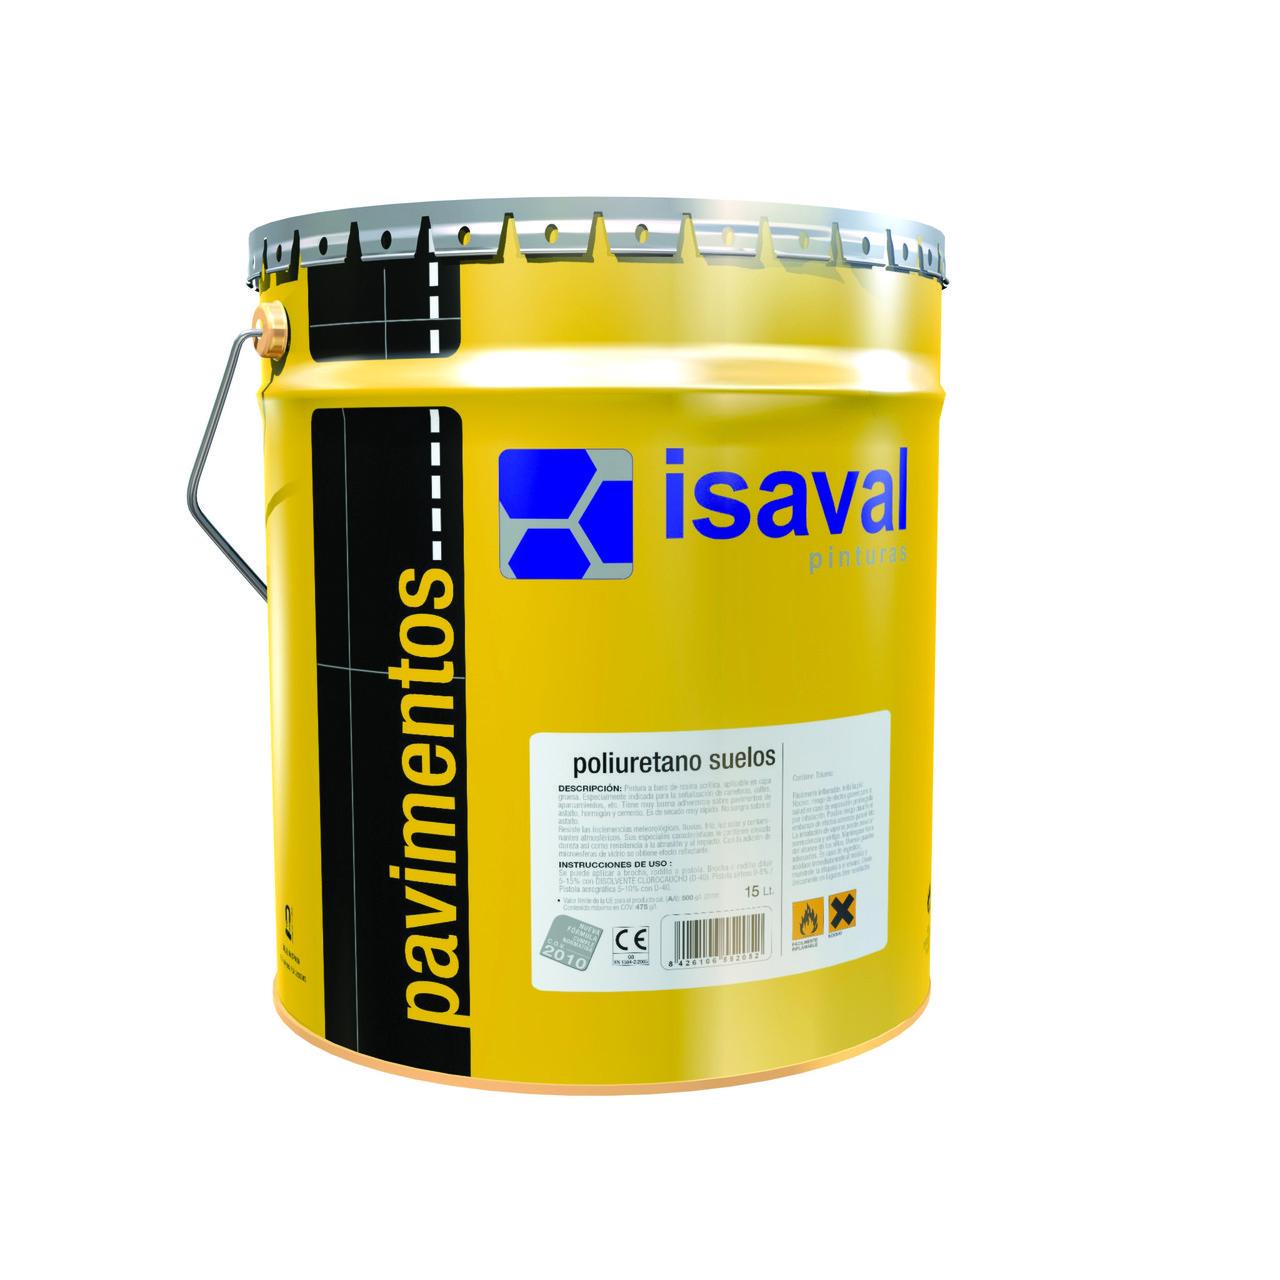 Краска полиуретановая ISAVAL Дуэполь 4 л прозрачная база -для промышленных бетонных полов, паркингов и гаражей